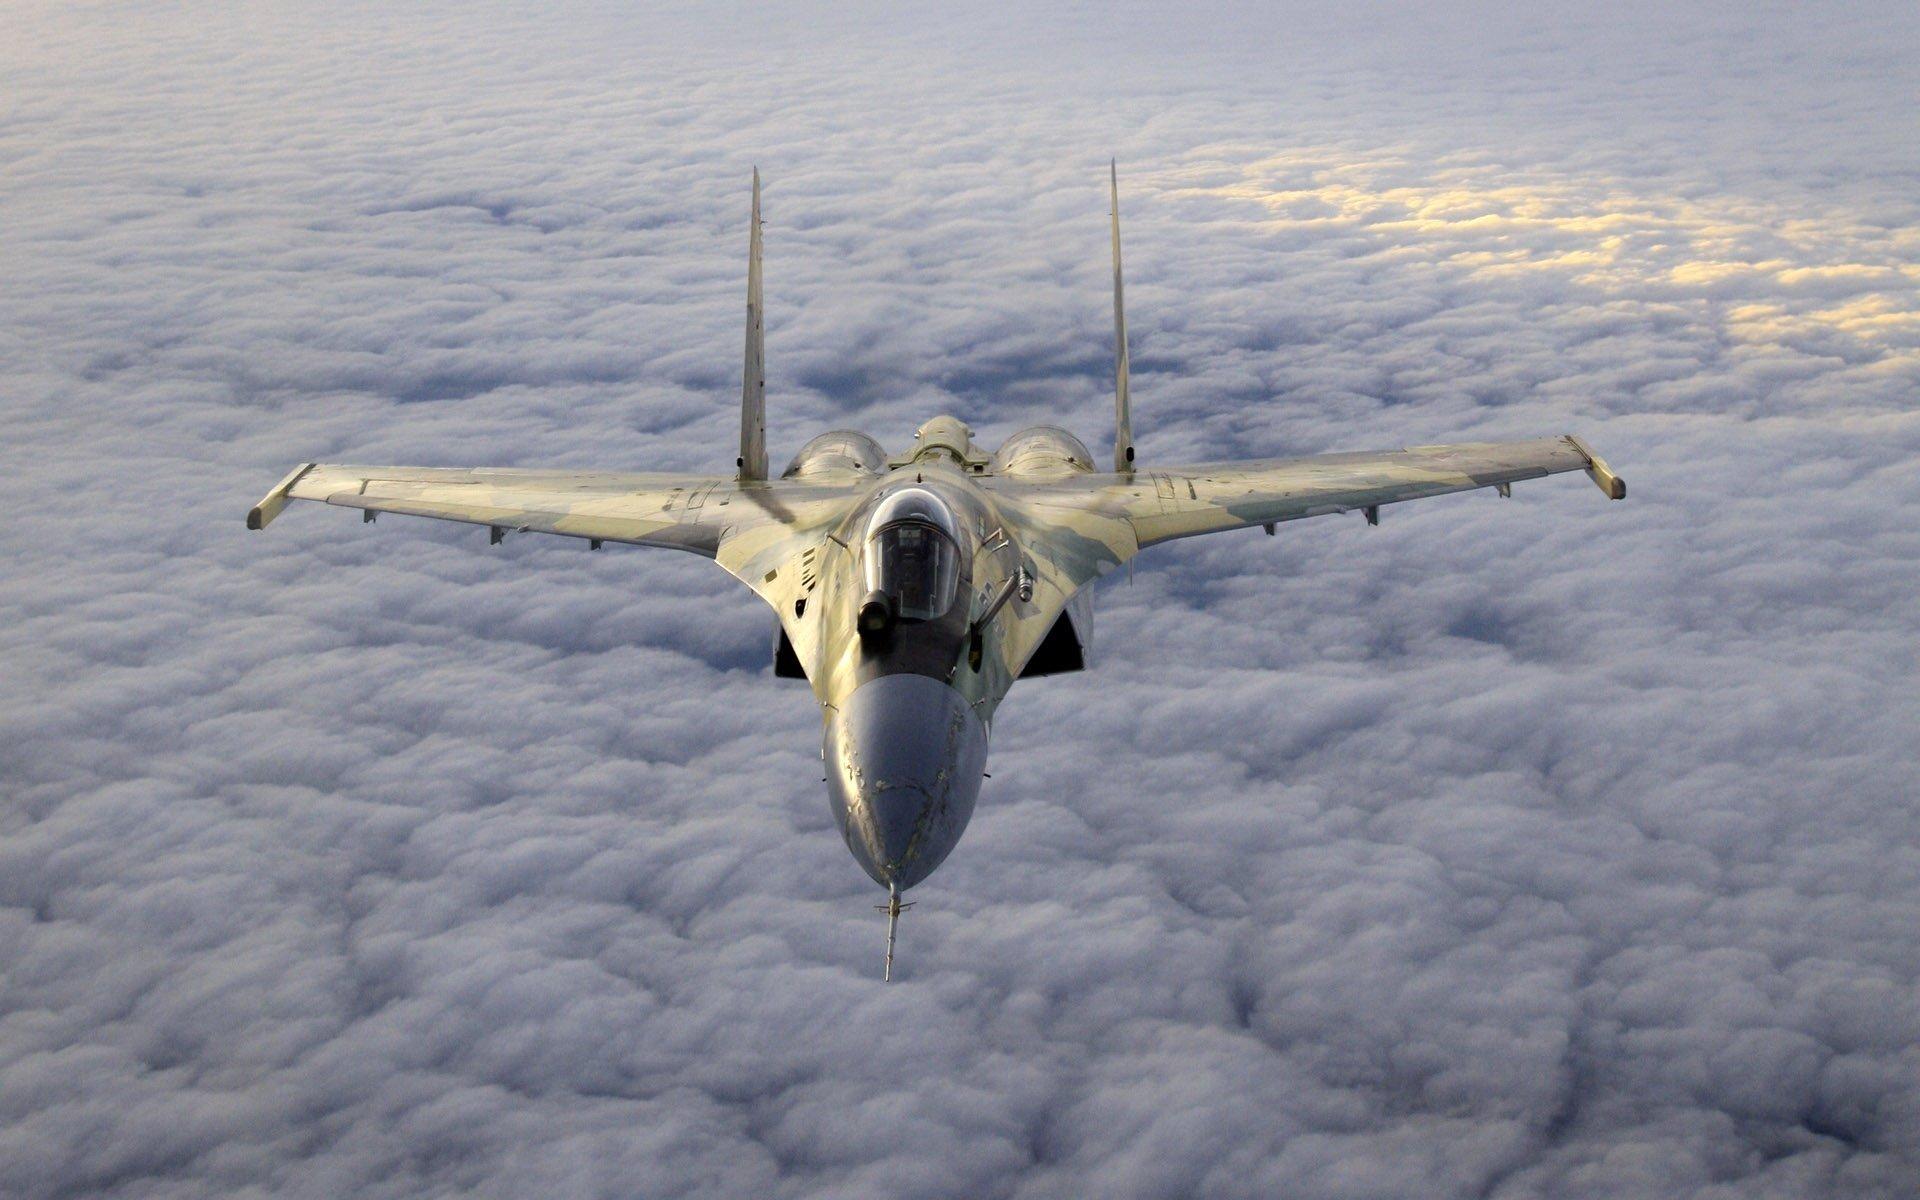 Military - Sukhoi Su-35  Aircraft Military Air Force Warplane Wallpaper